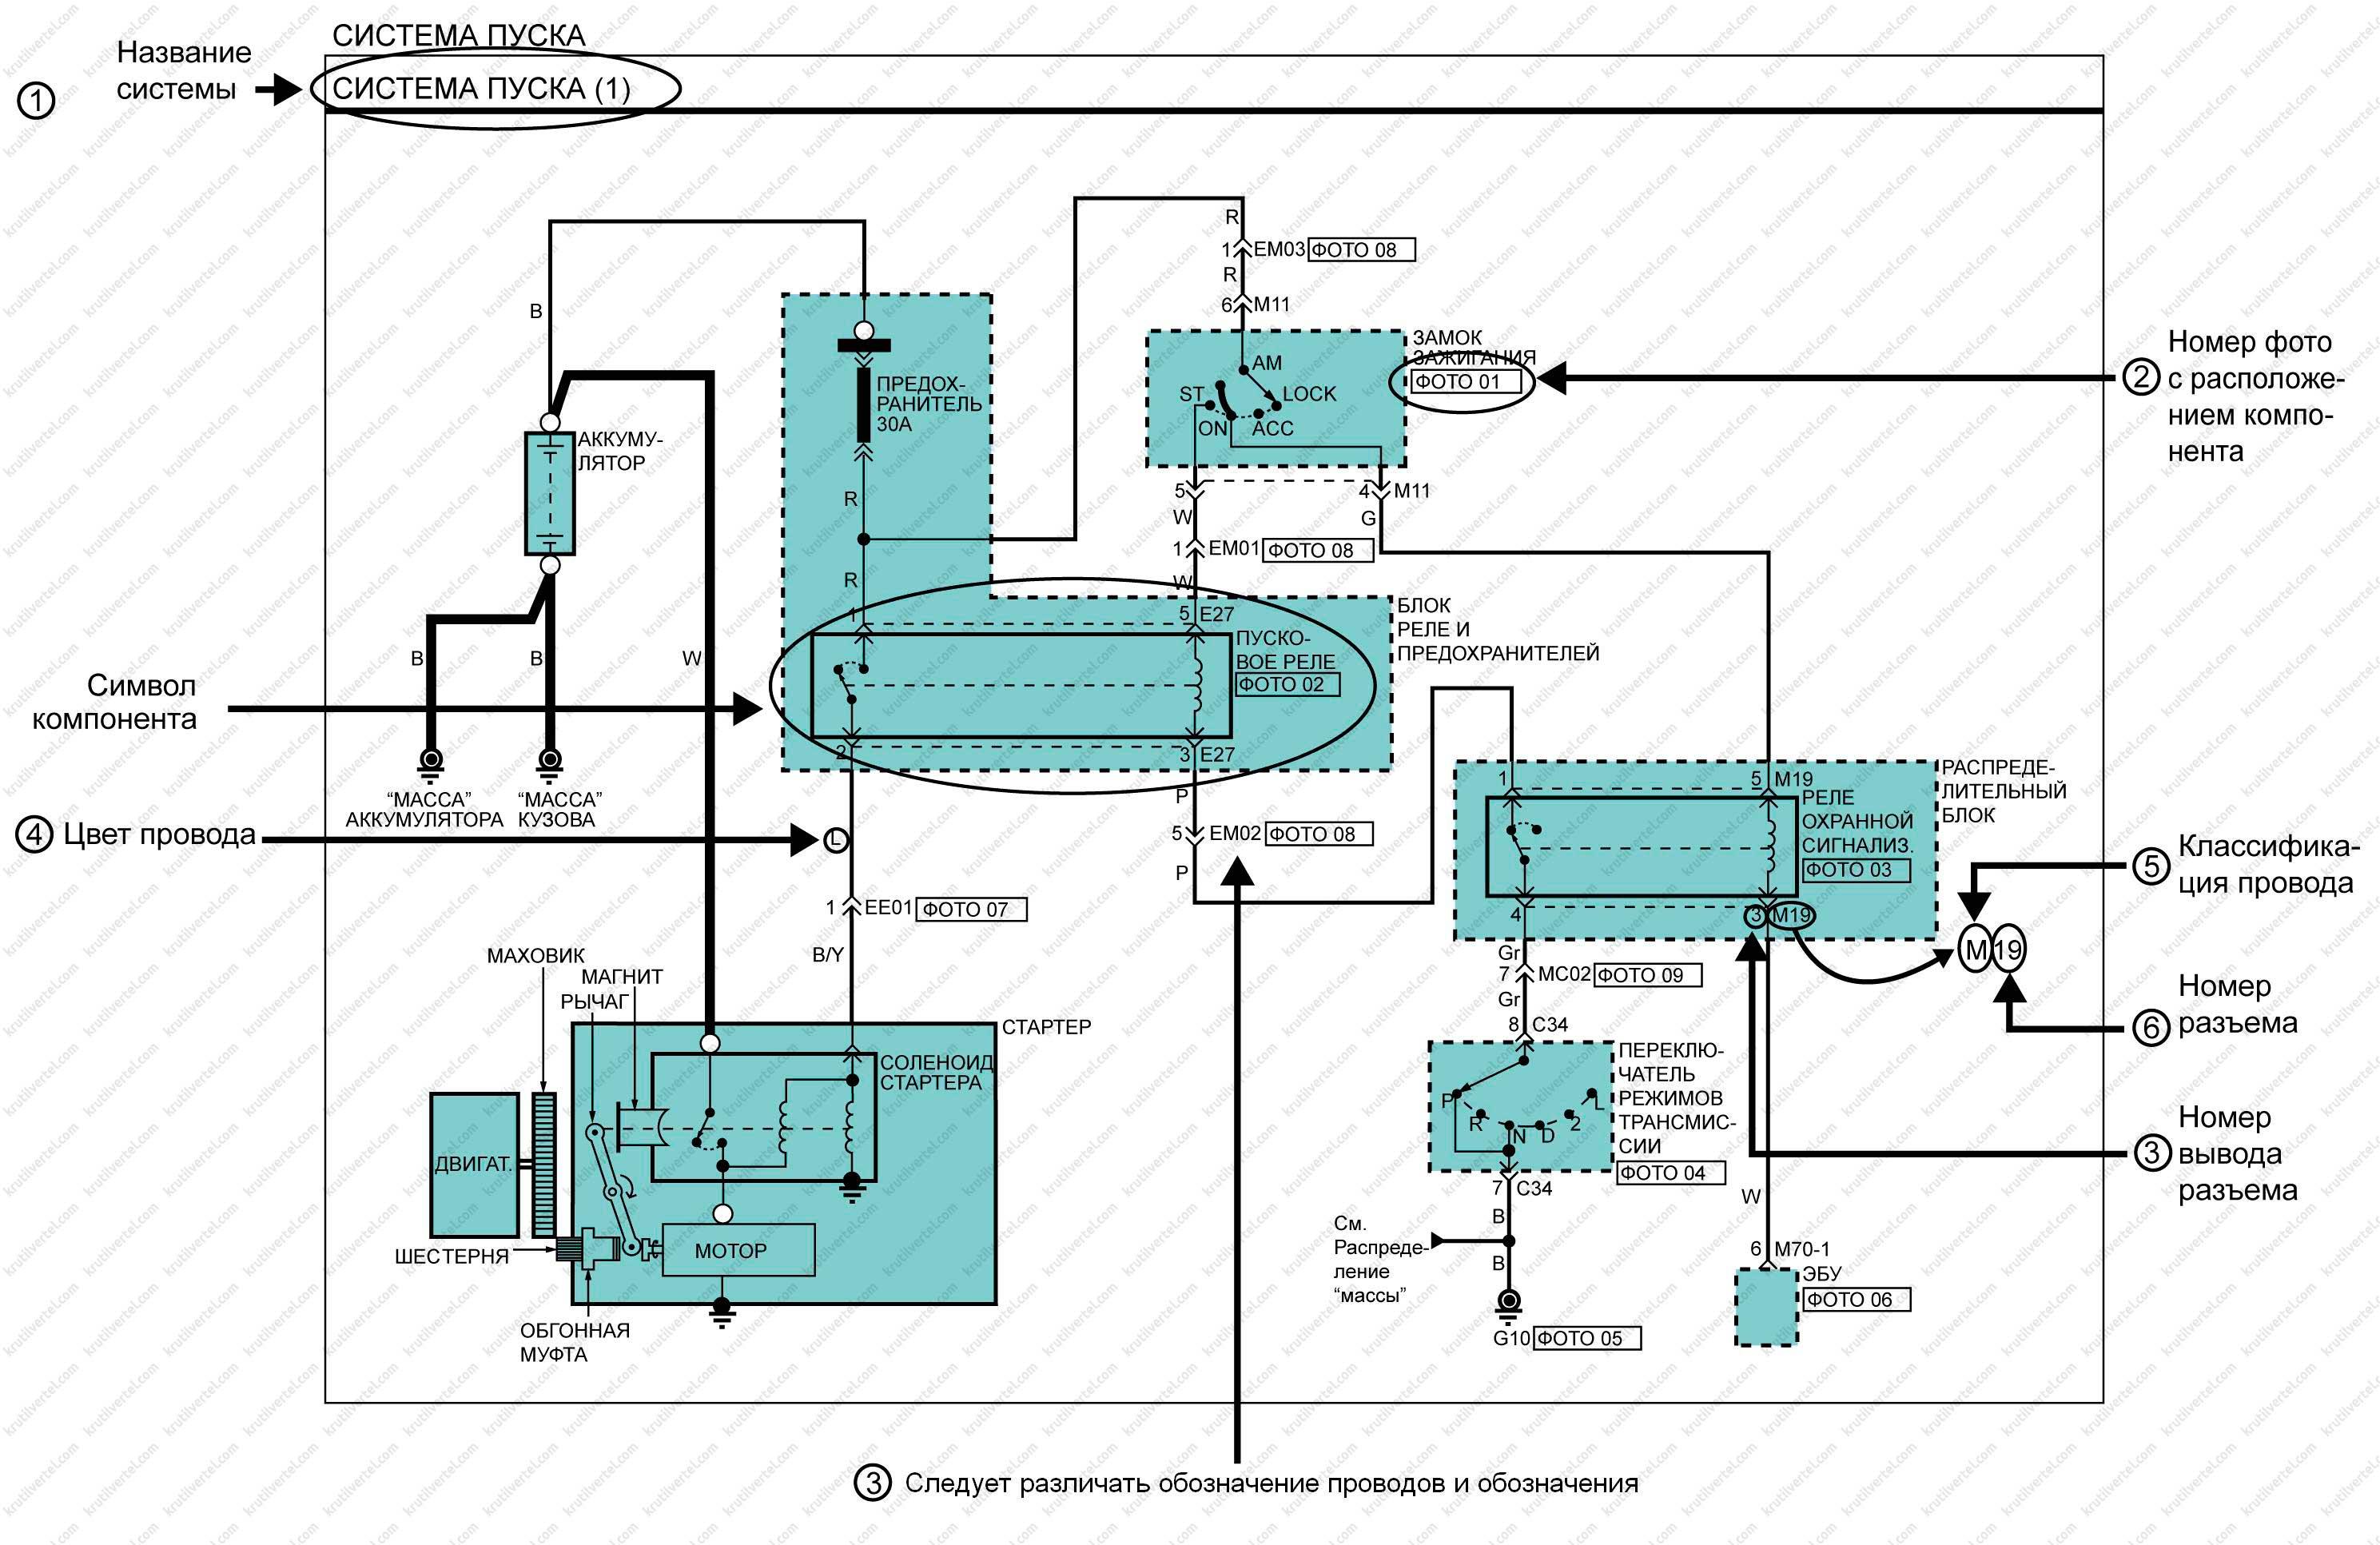 Электрическая схема санта фе 2